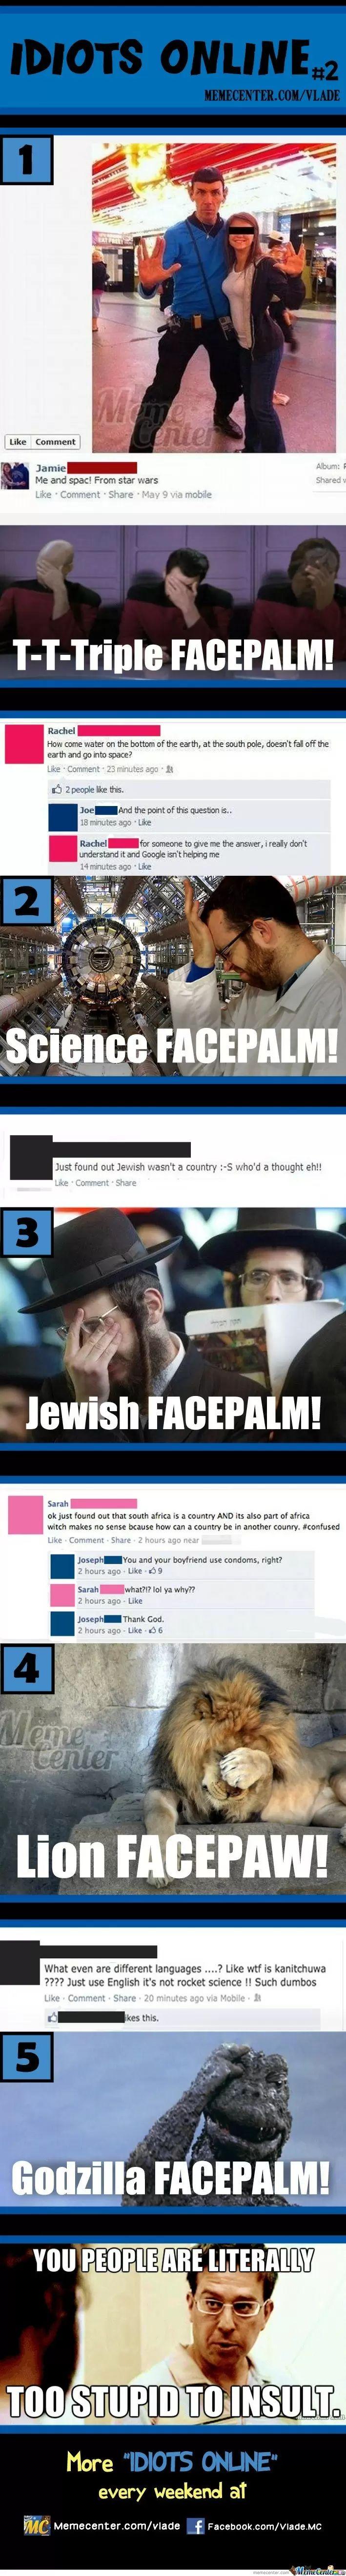 Idiots Online #2